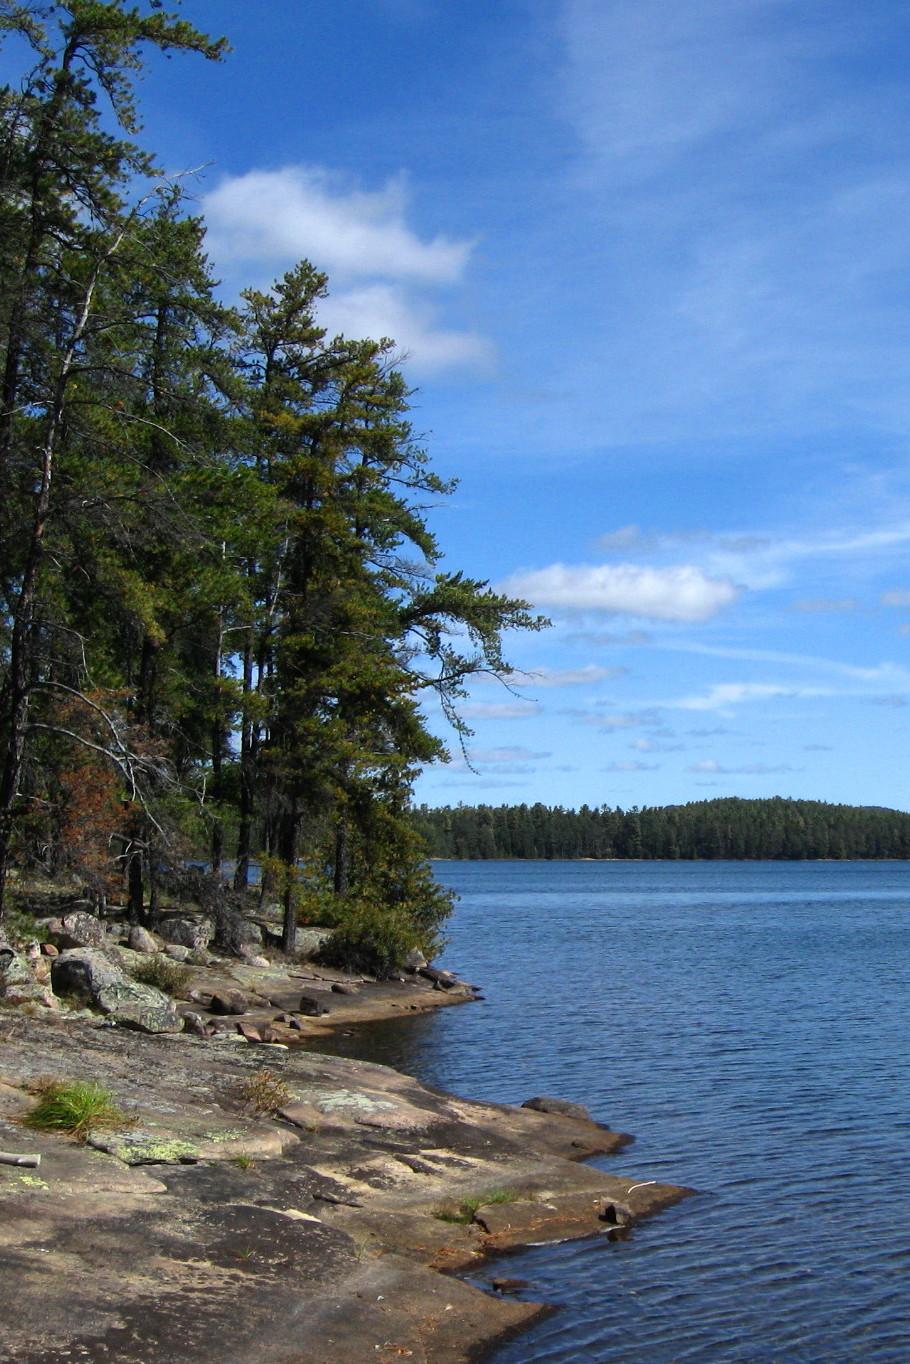 Tenfish Lake